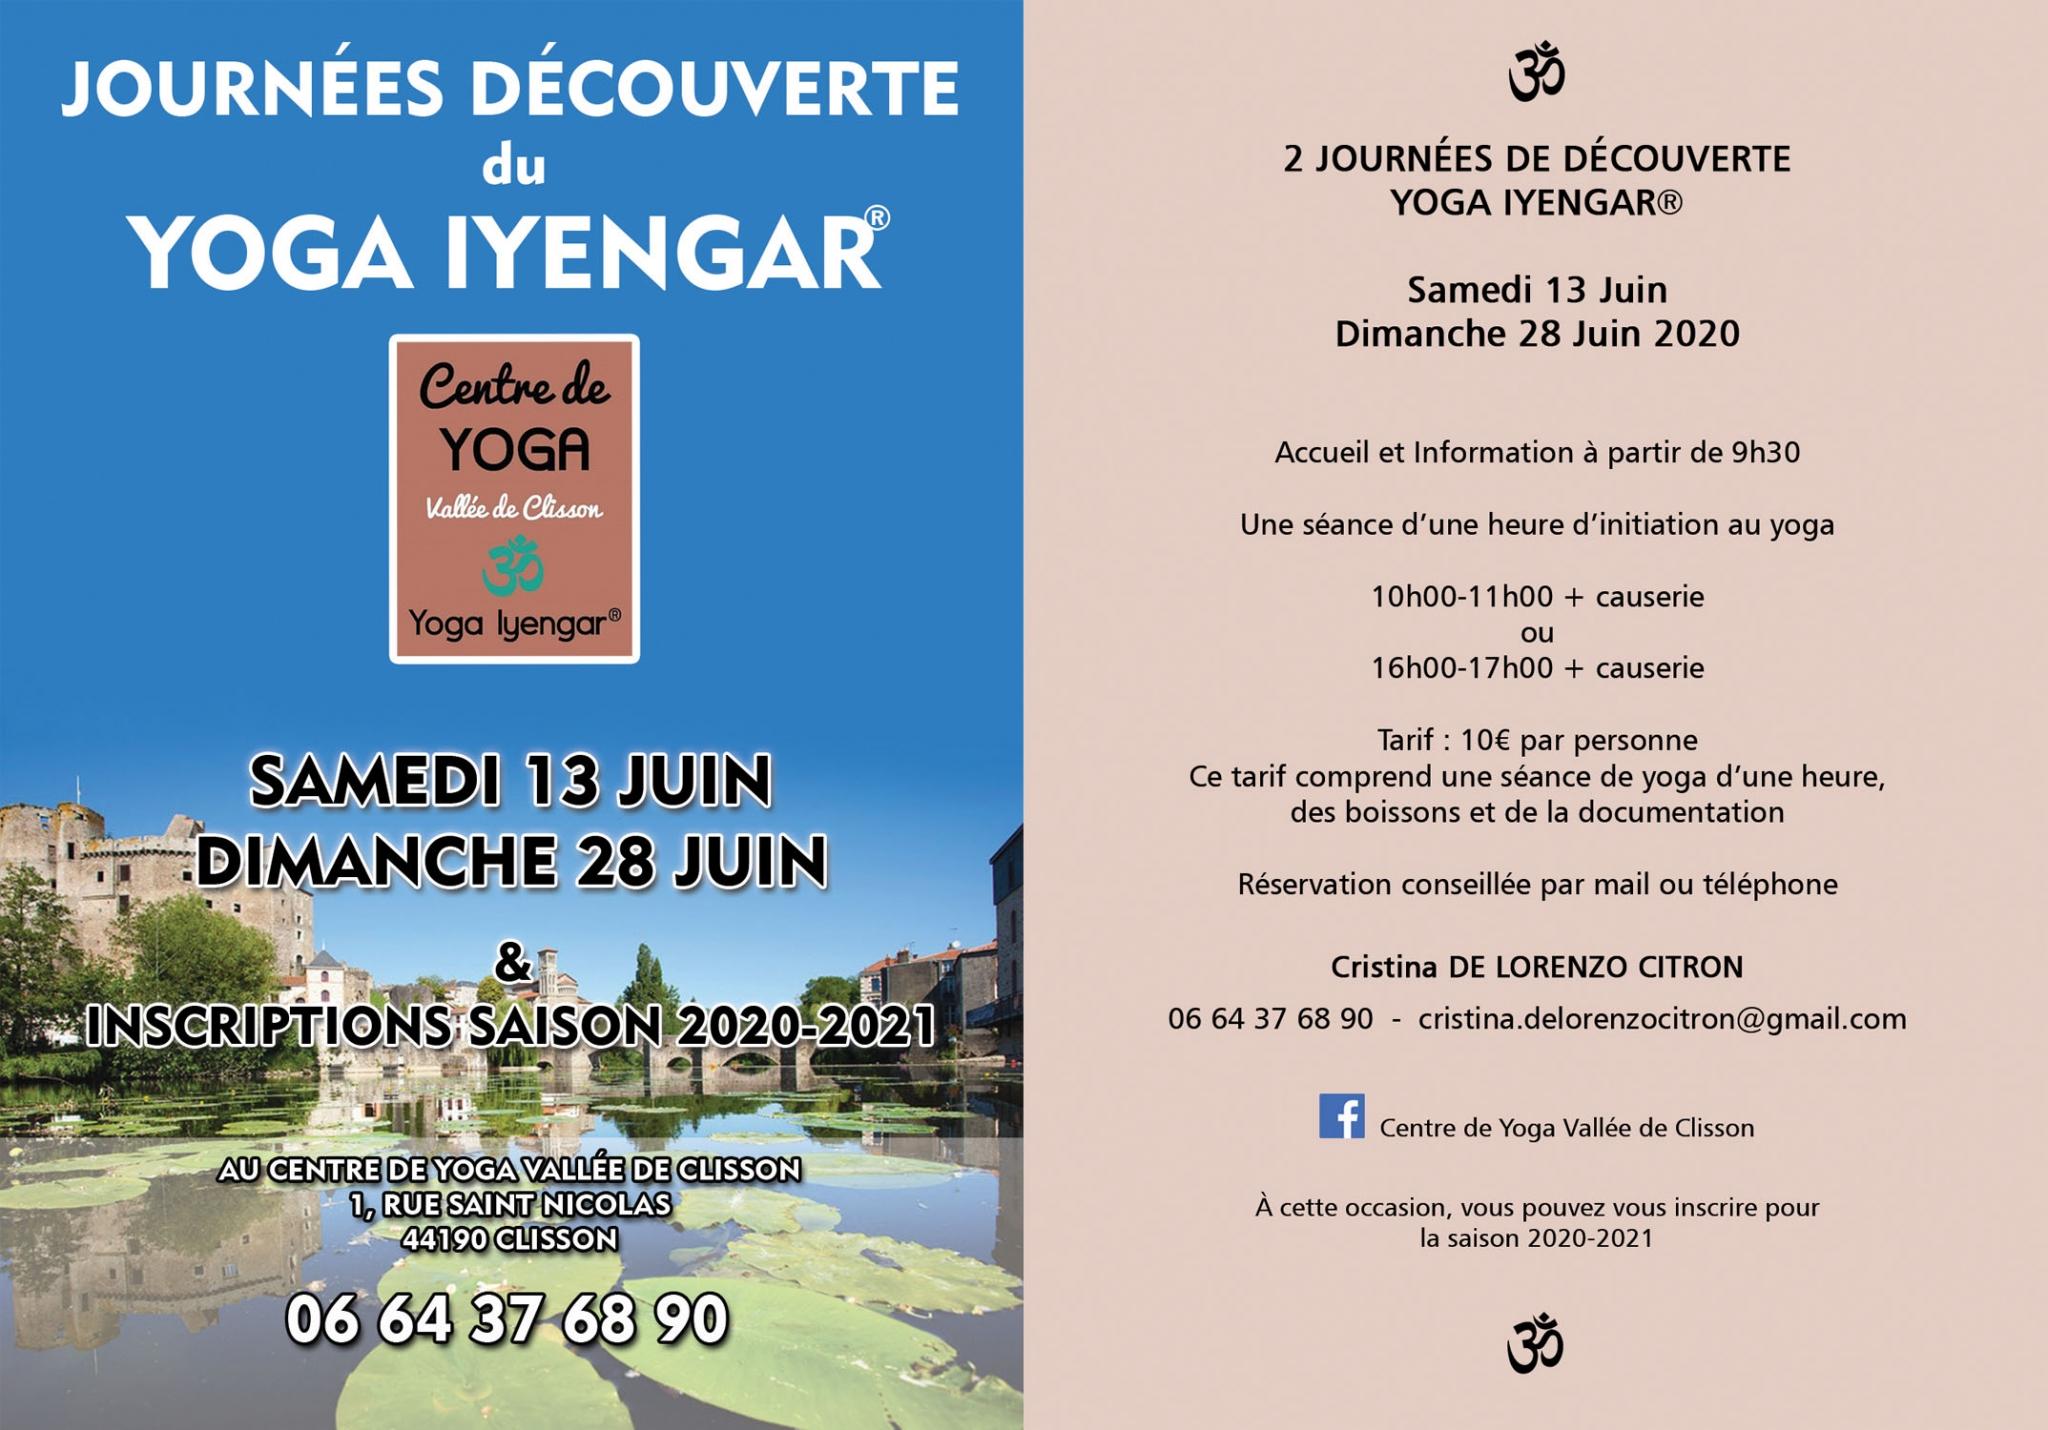 Découverte-Yoga-FlyerJuin2020 (1).jpg